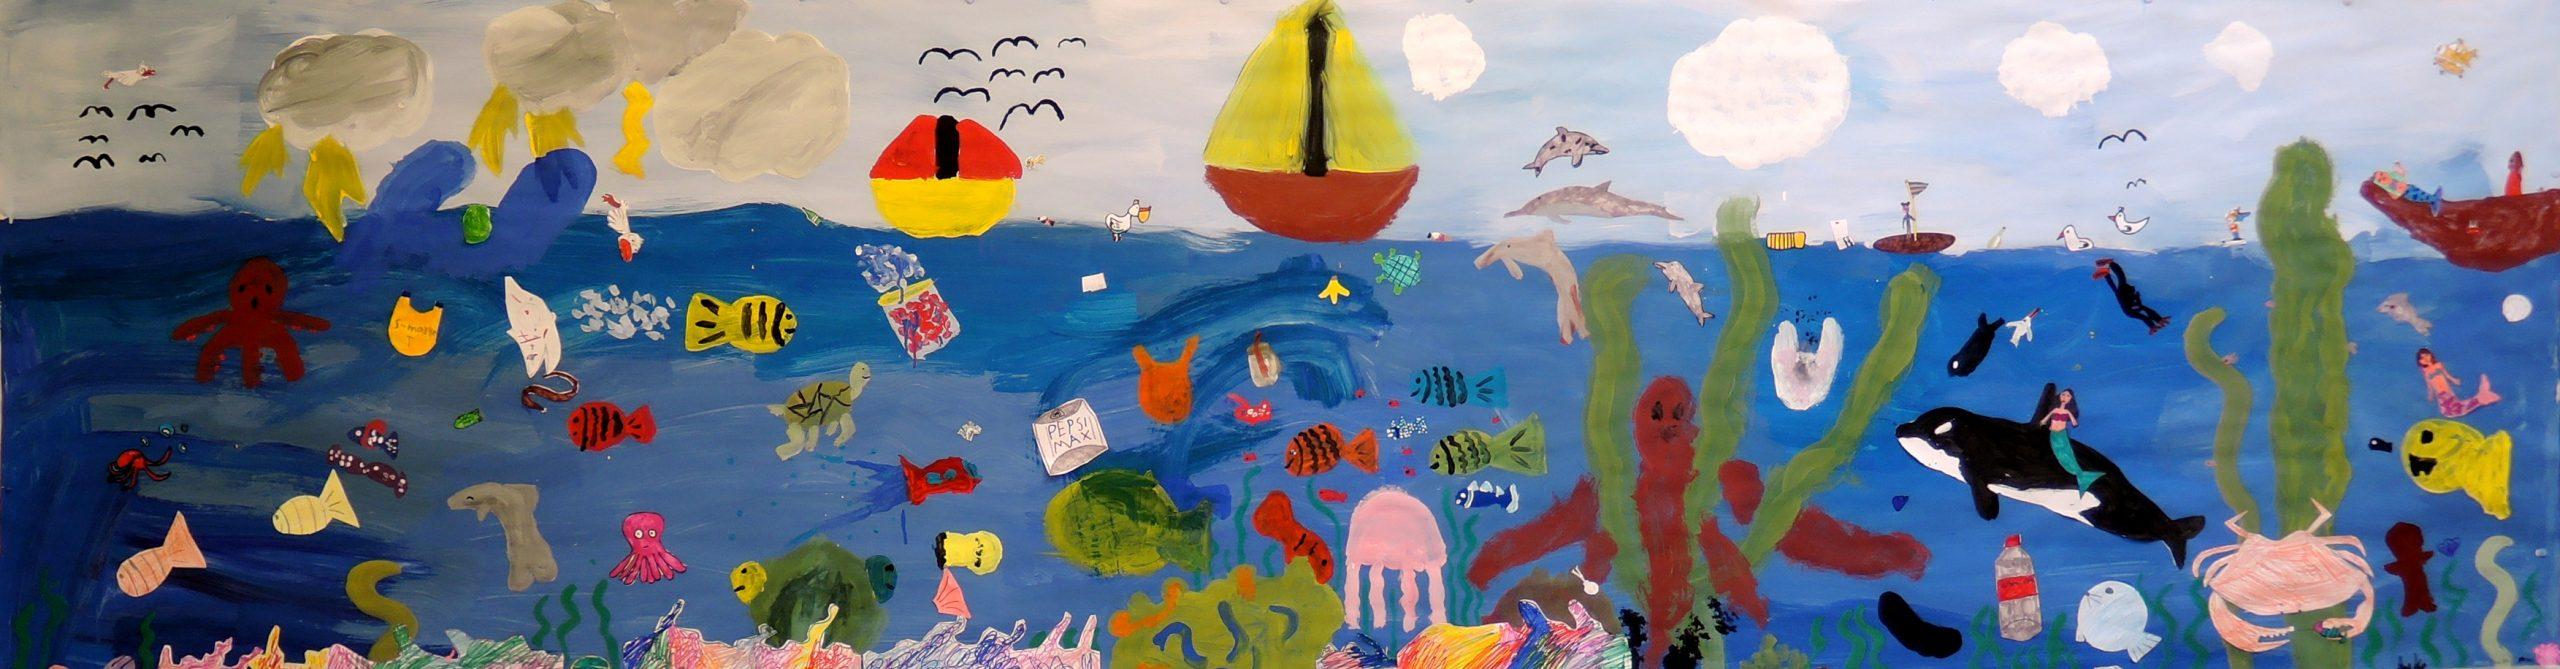 kuviskoululaisten maalaus merestä